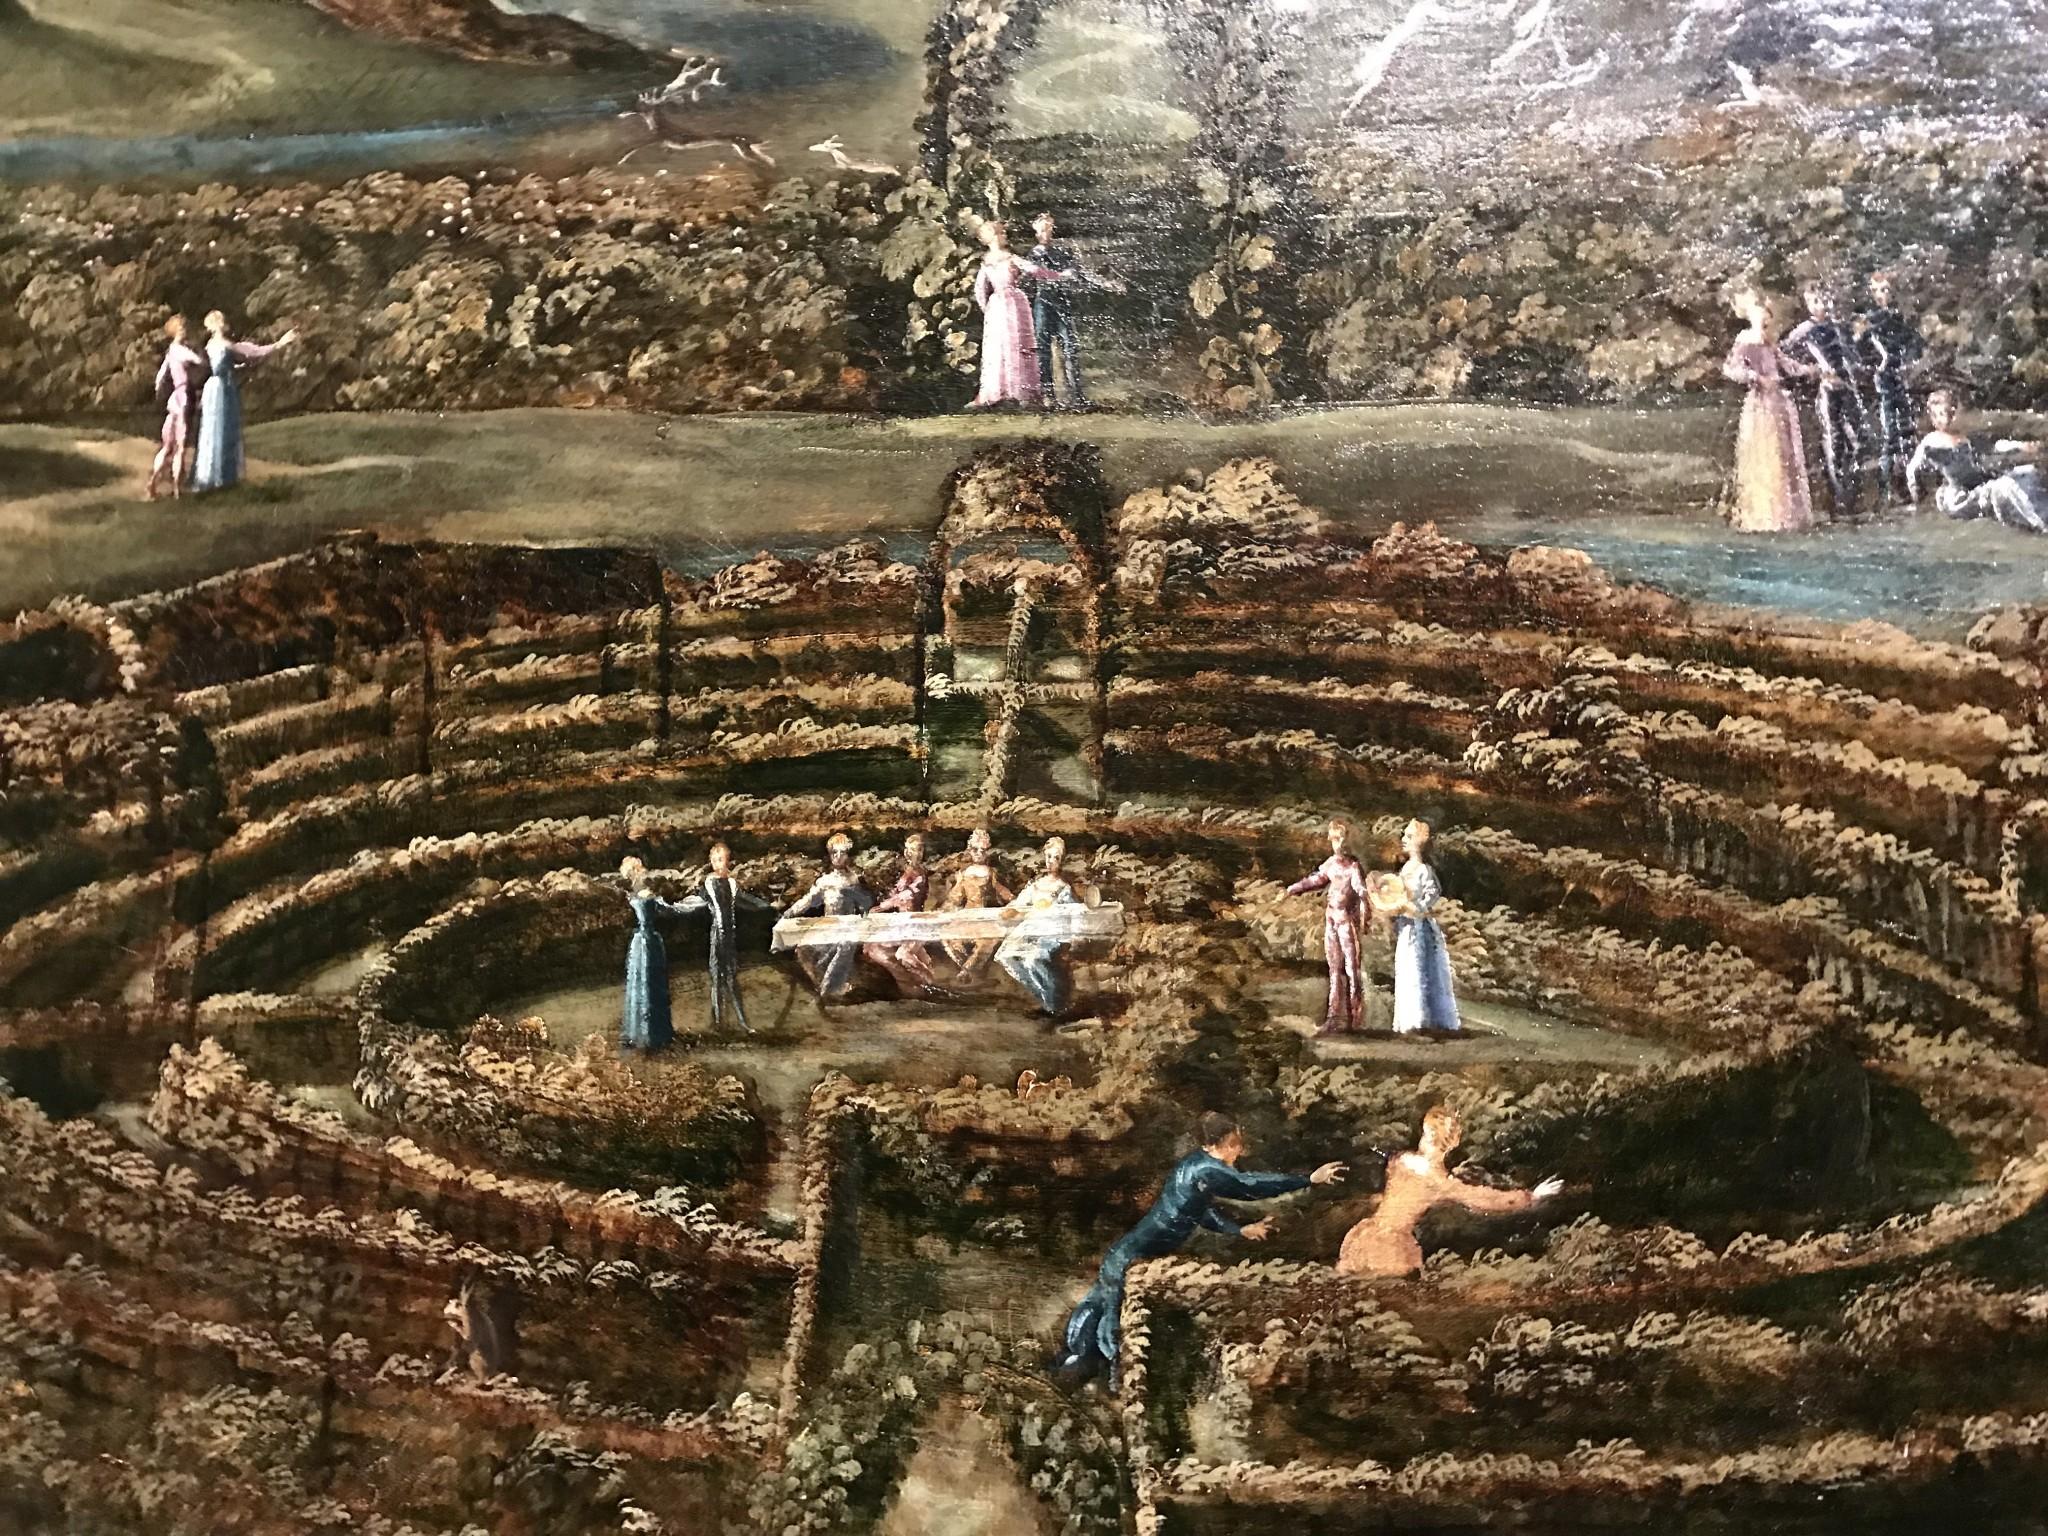 Tintoret et atelier Labyrinthe de l'amour (Allégorie de la vie humaine) commencé en 1538, achevé vers 1552 huile sur toile 147,4 x 200 cm Londres, The Royal Collection, HM Queen Elizabeth II